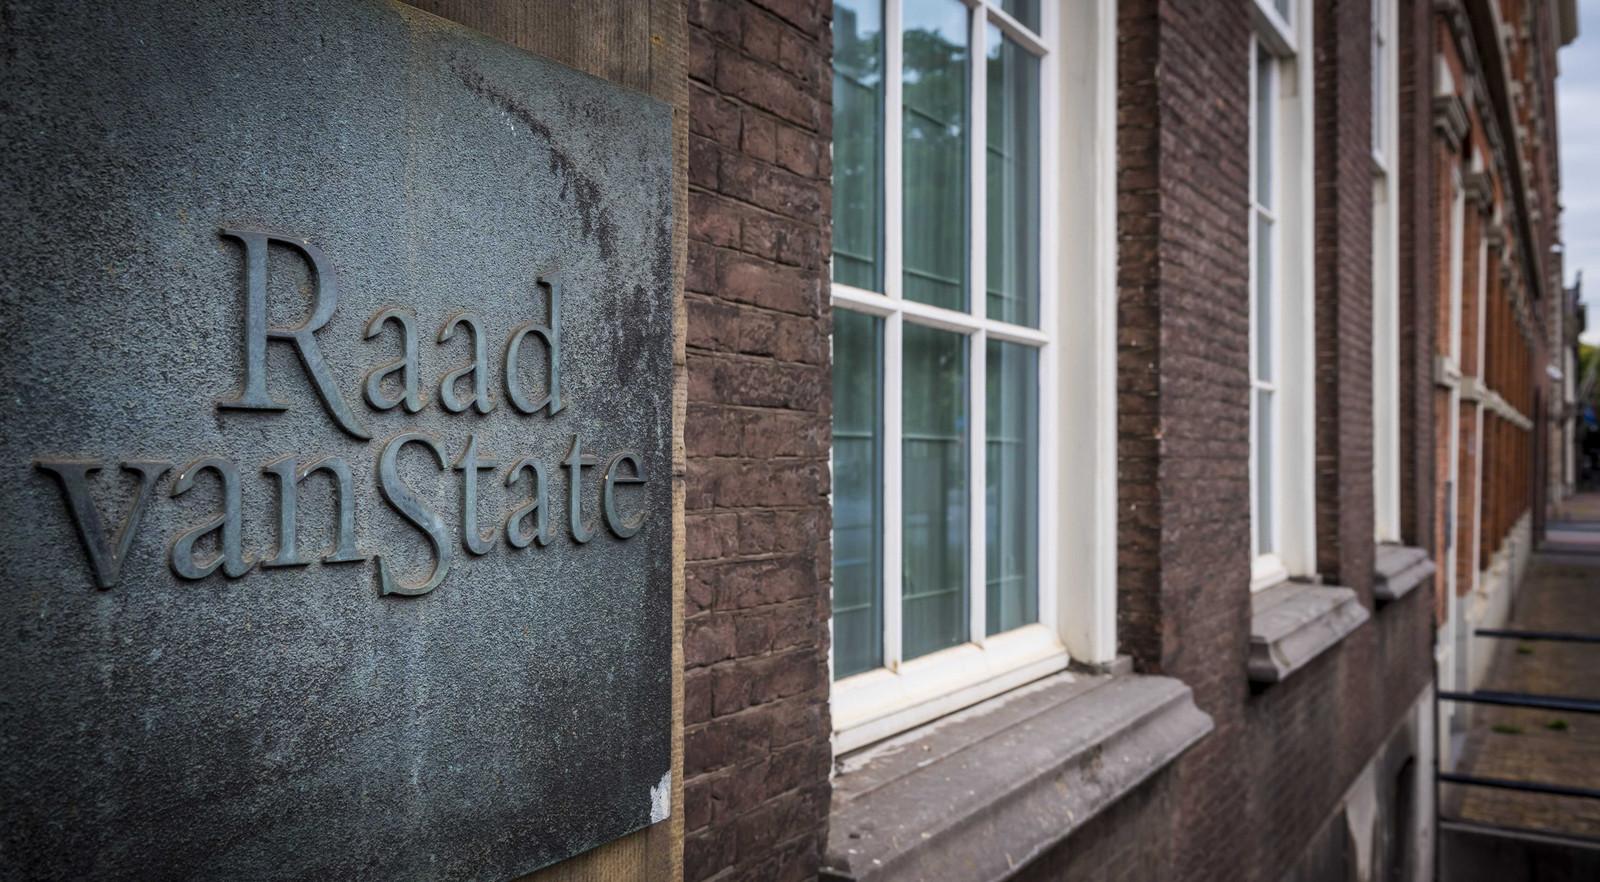 De Raad van State in Den Haag.